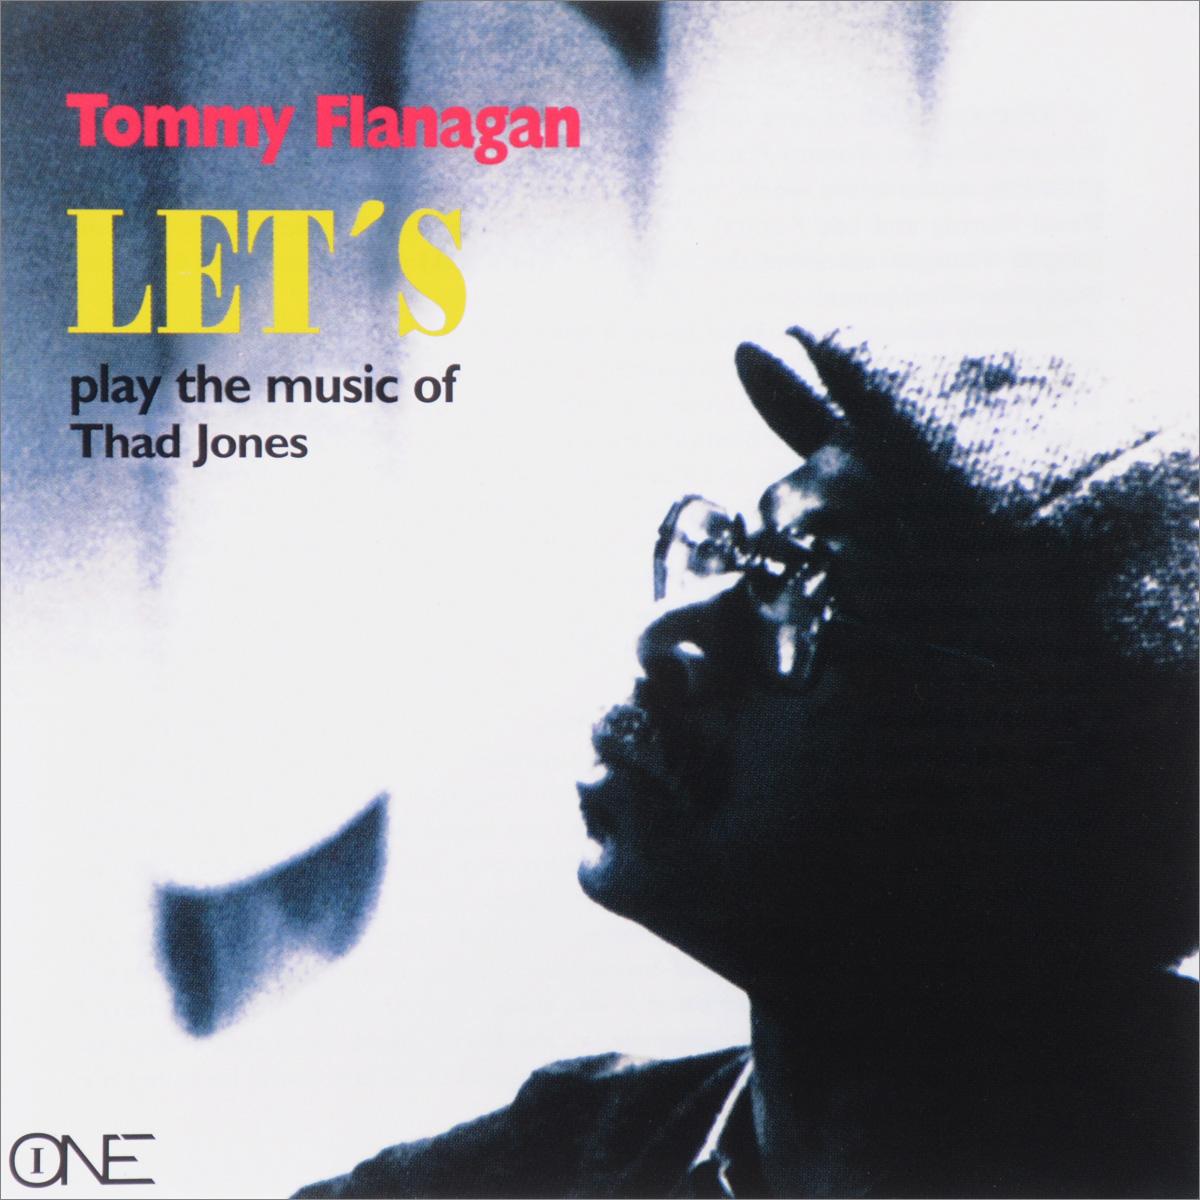 Трио пианиста Томми Фланагана с басистом Джеспером Лундгардом и барабанщиком Льюисом Нэшем исполняет 11 из композиций трубача и композитора Тада Джонса, большинство из которых никогда прежде не игралось фортепианным трио. Альбом Let's Play the Music of Thad Jones (1993), несмотря на свою относительную мрачность, весьма разнообразен и достаточно гибок по исполнению. Томми Фланаган заслуживает поздравлений за ритмичное и сделанное со вкусом проявление уважения талантливому композитору Таду Джонсу.